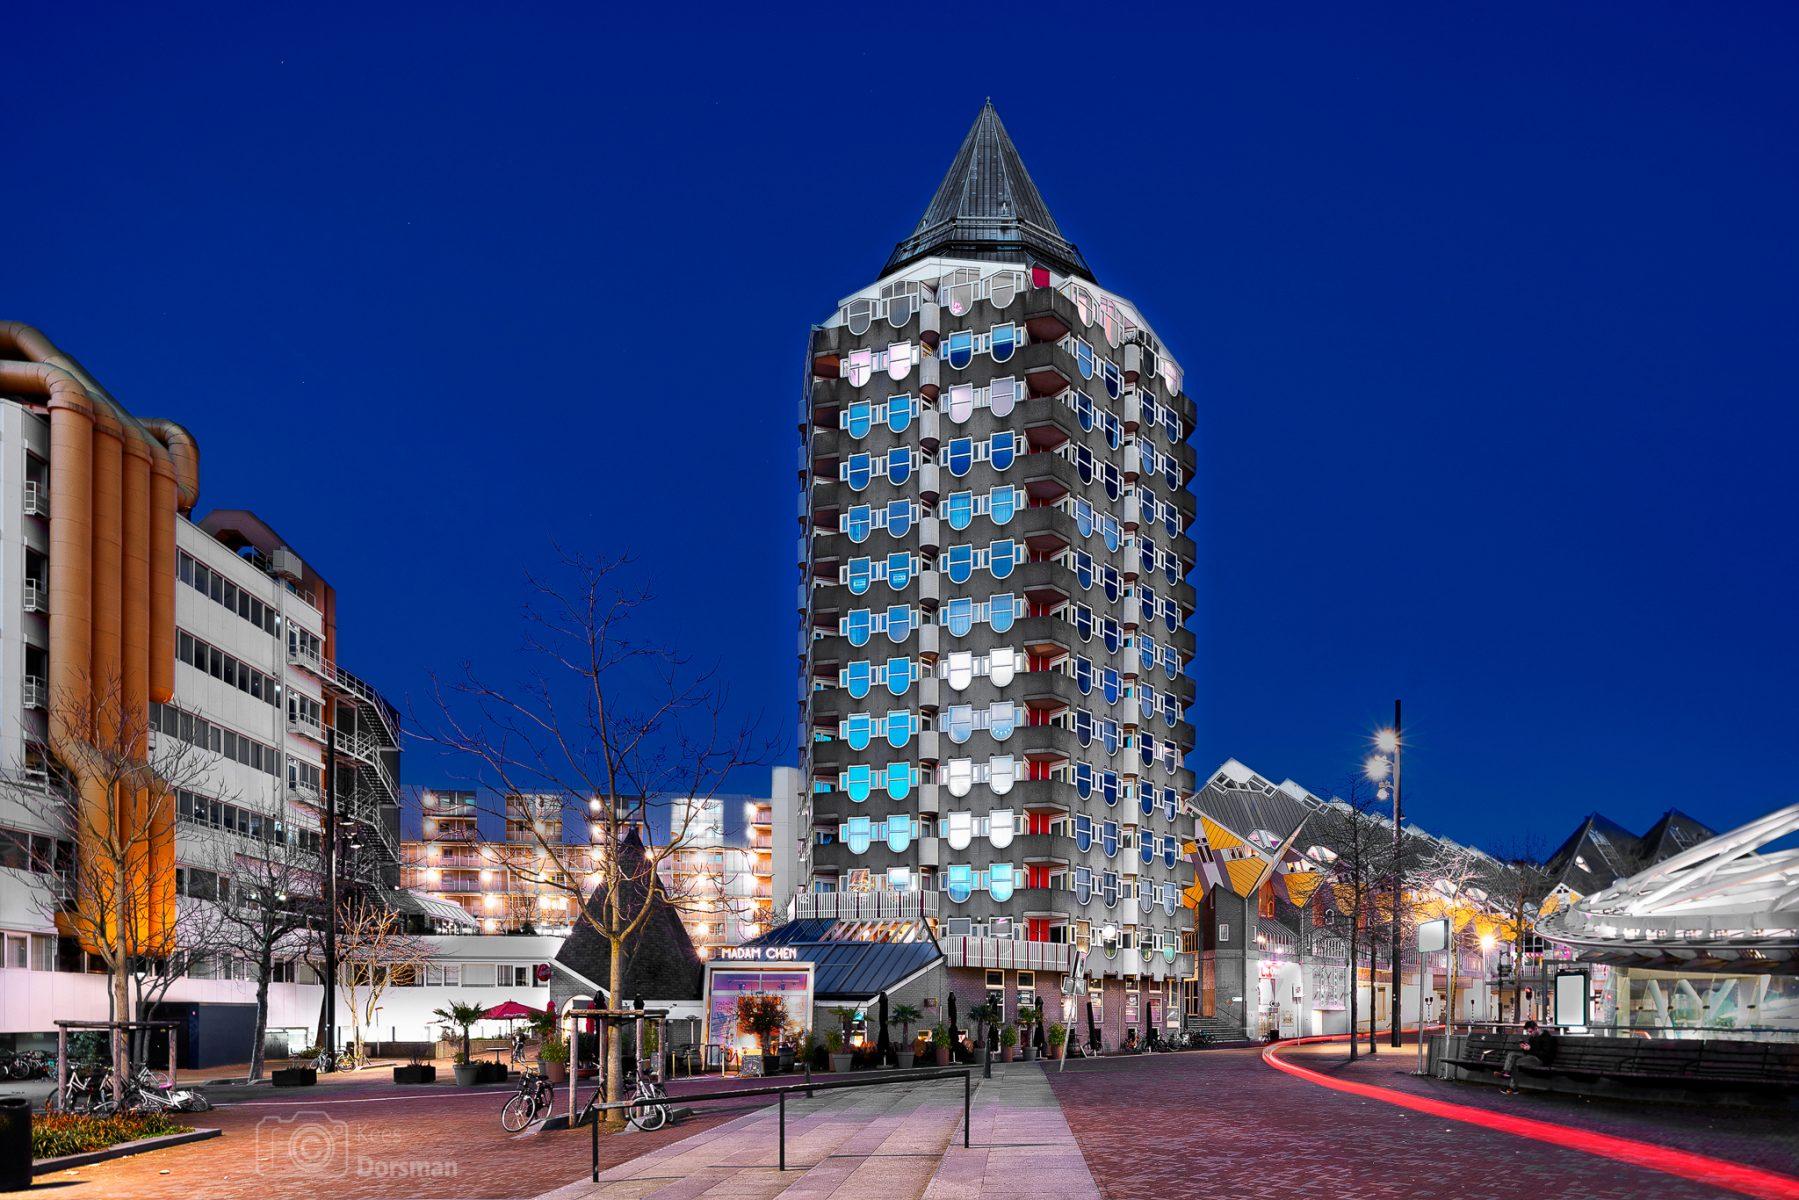 Potlood gebouw - Rotterdam